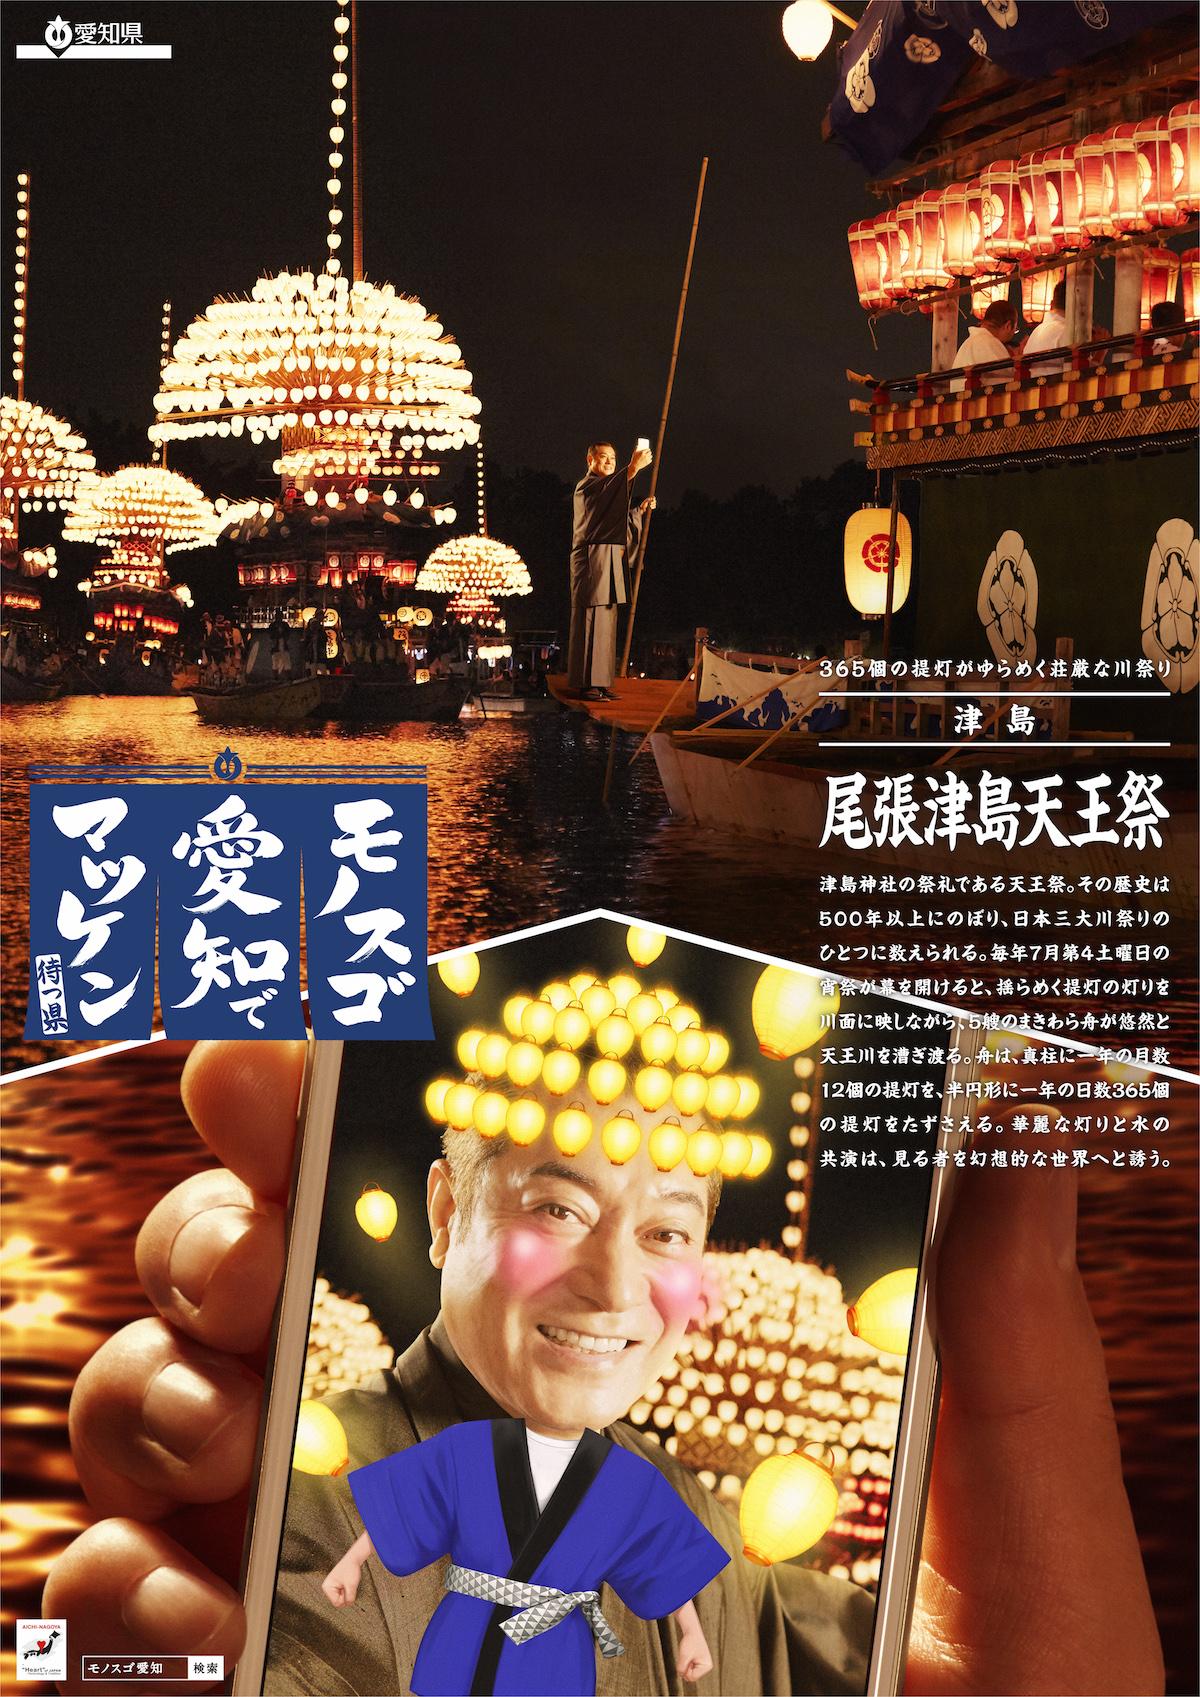 尾張津島天王祭バージョン